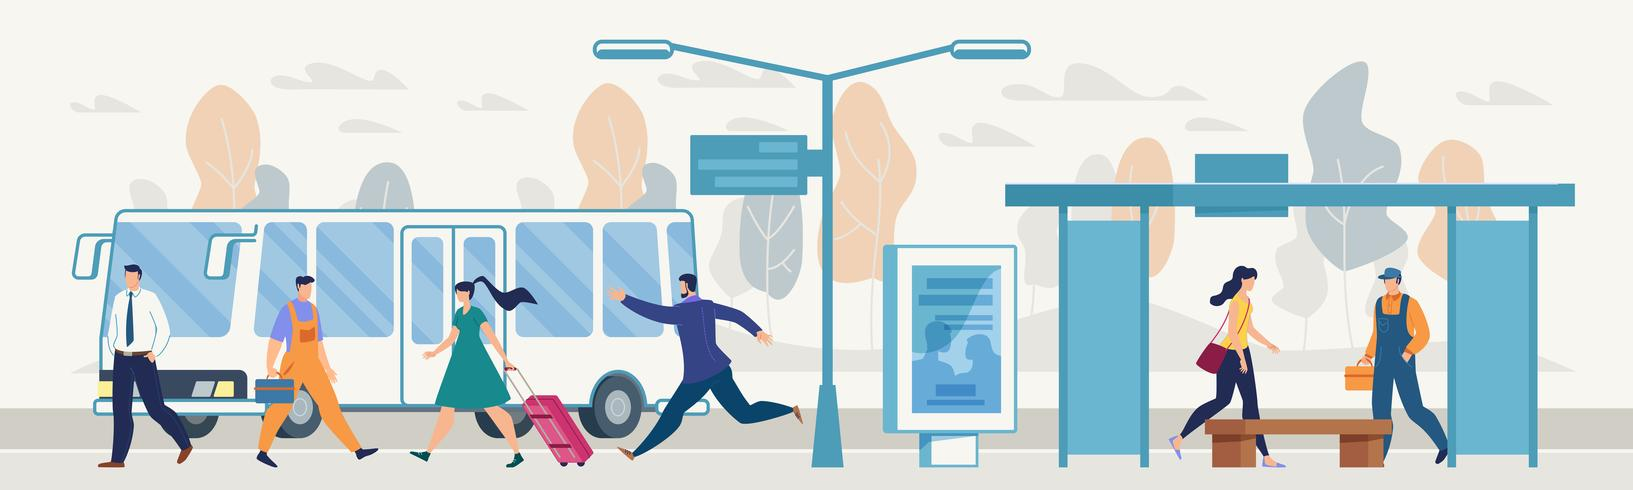 Passeggeri sulla fermata dell'autobus cittadino vettore